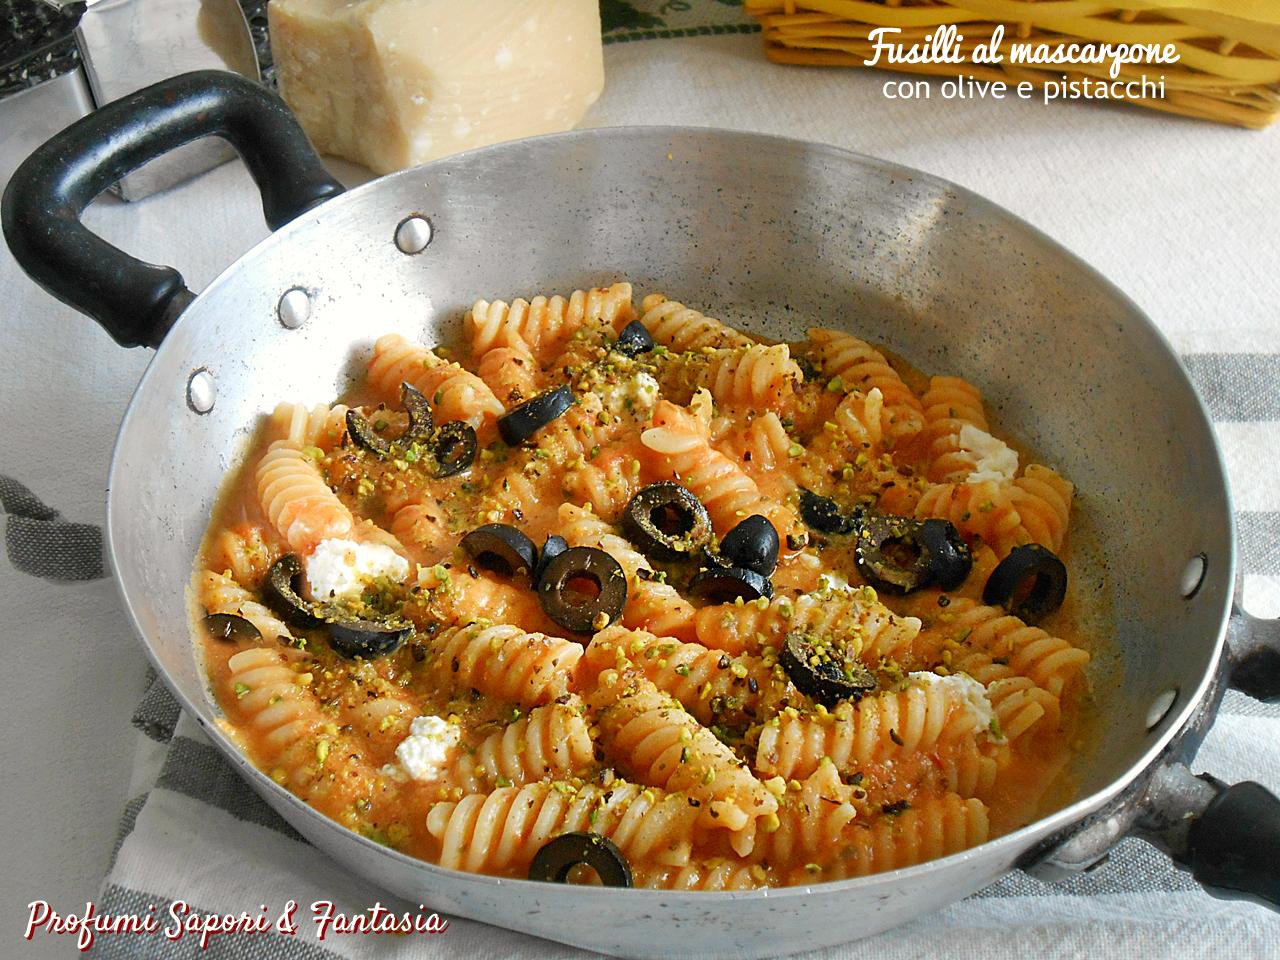 Fusilli al mascarpone con olive e pistacchi